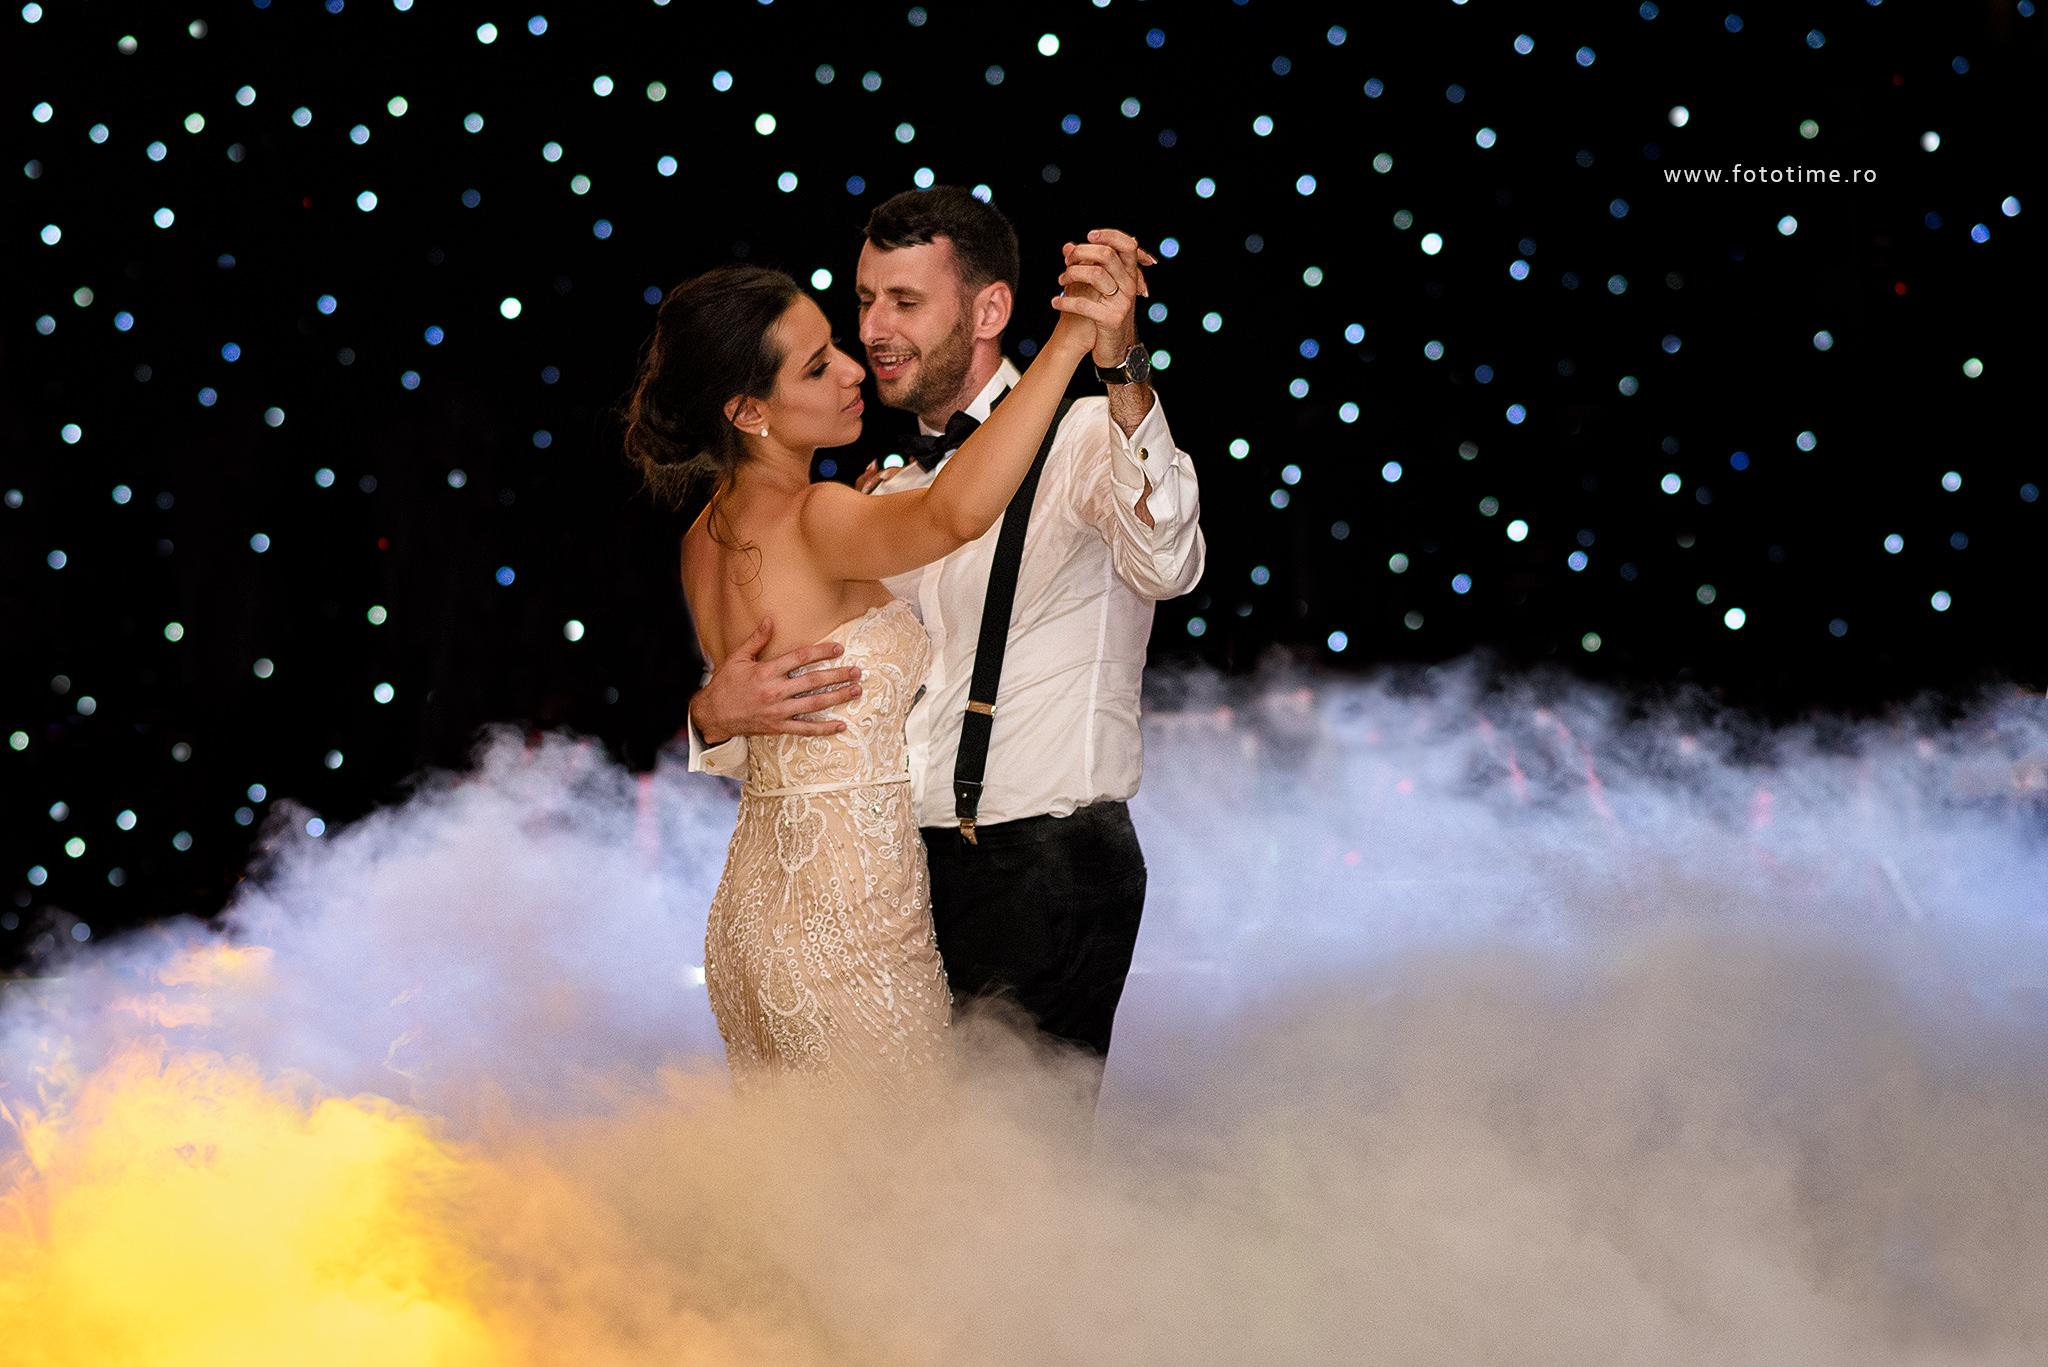 Fotograf Nunta Bucuresti - Dansul mirilor - FotoTime